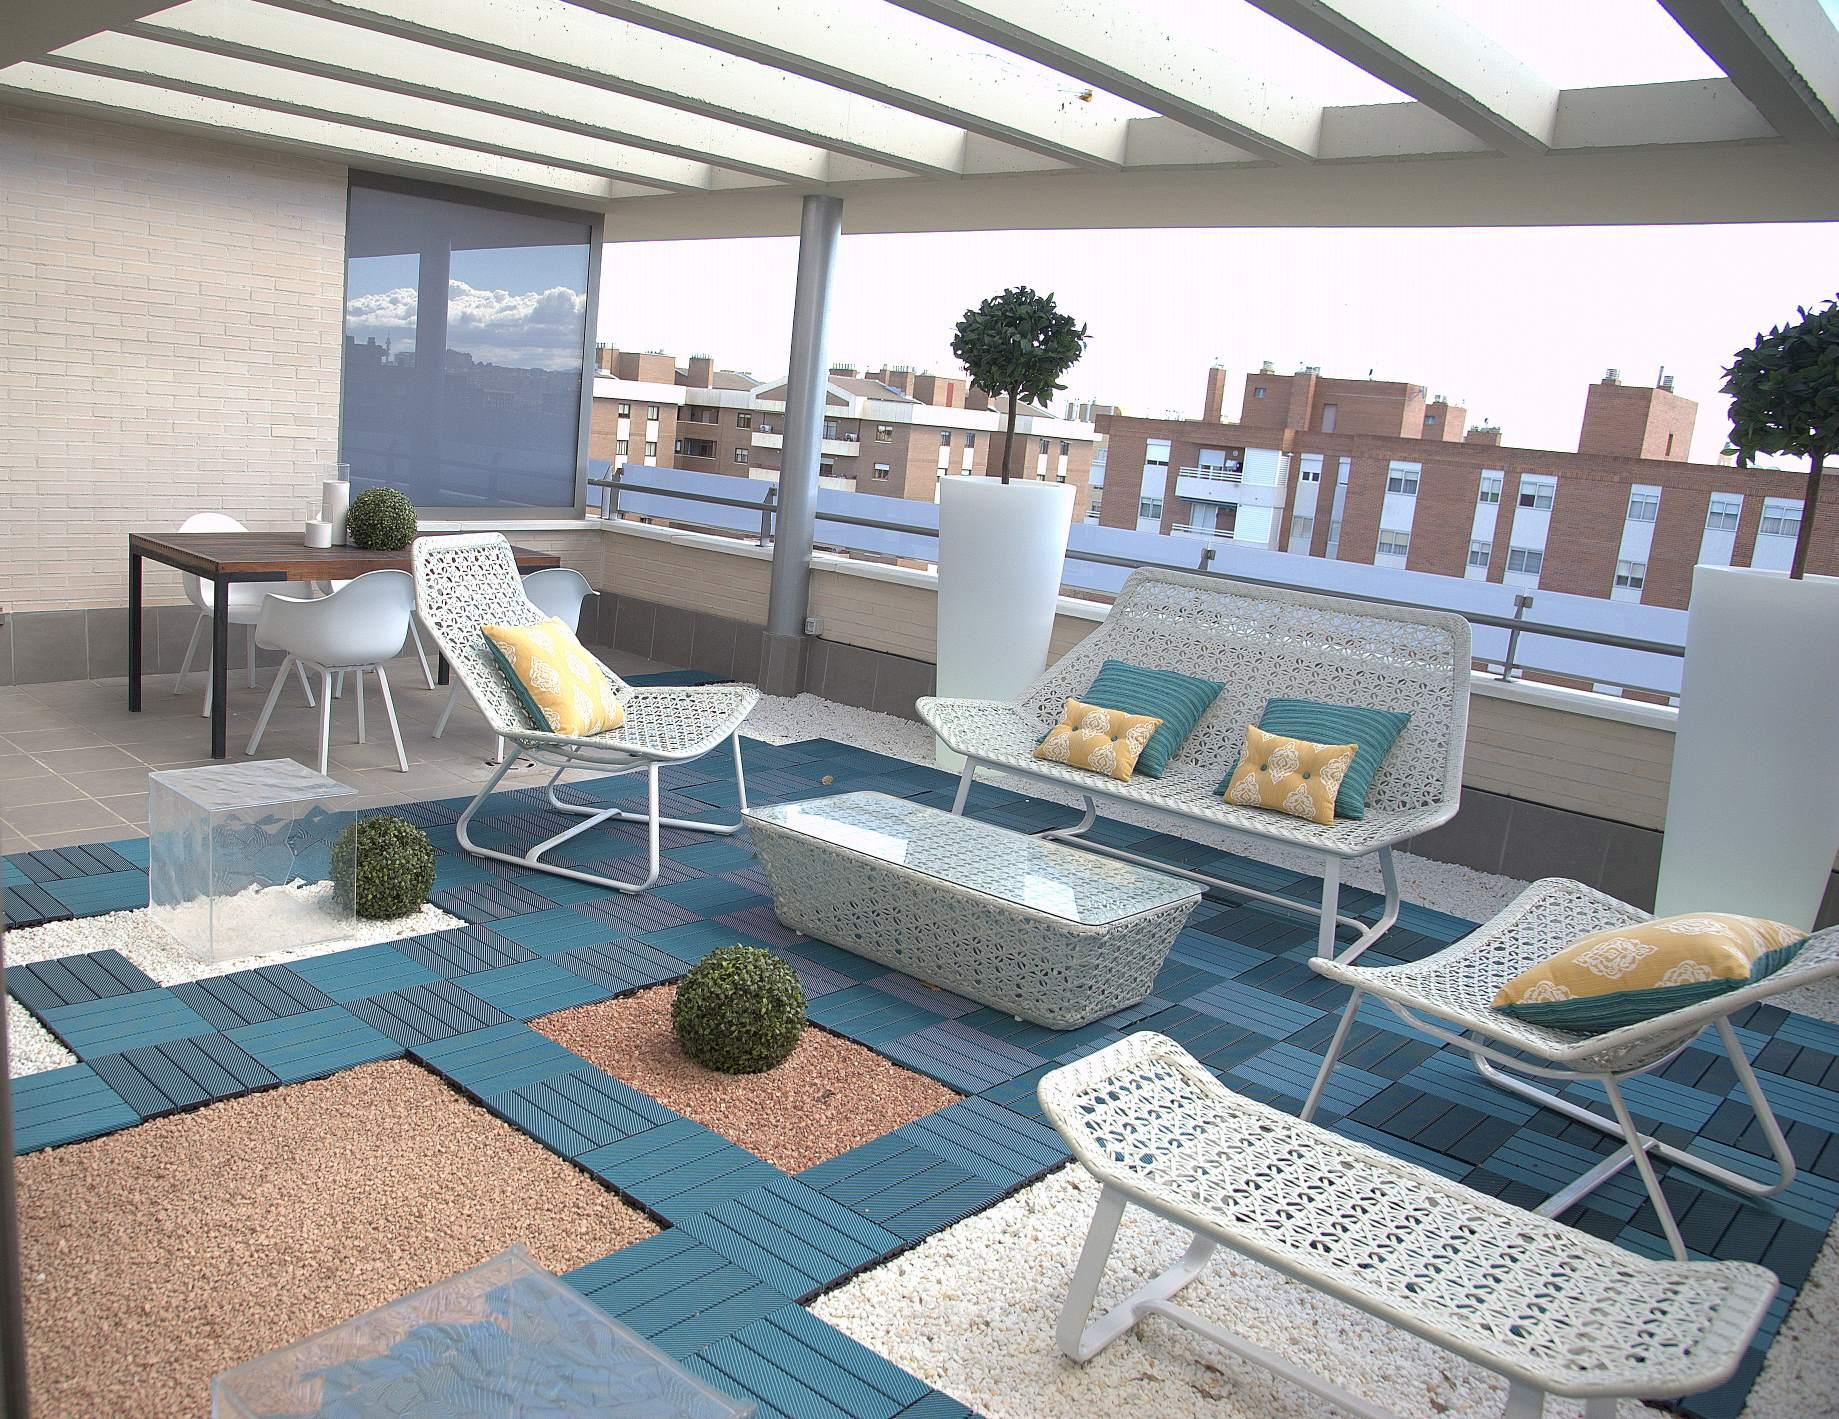 Maceteros iluminados un juego de luces en la terraza ebrosa promotora inmobiliaria - Decorar terrazas aticos ...